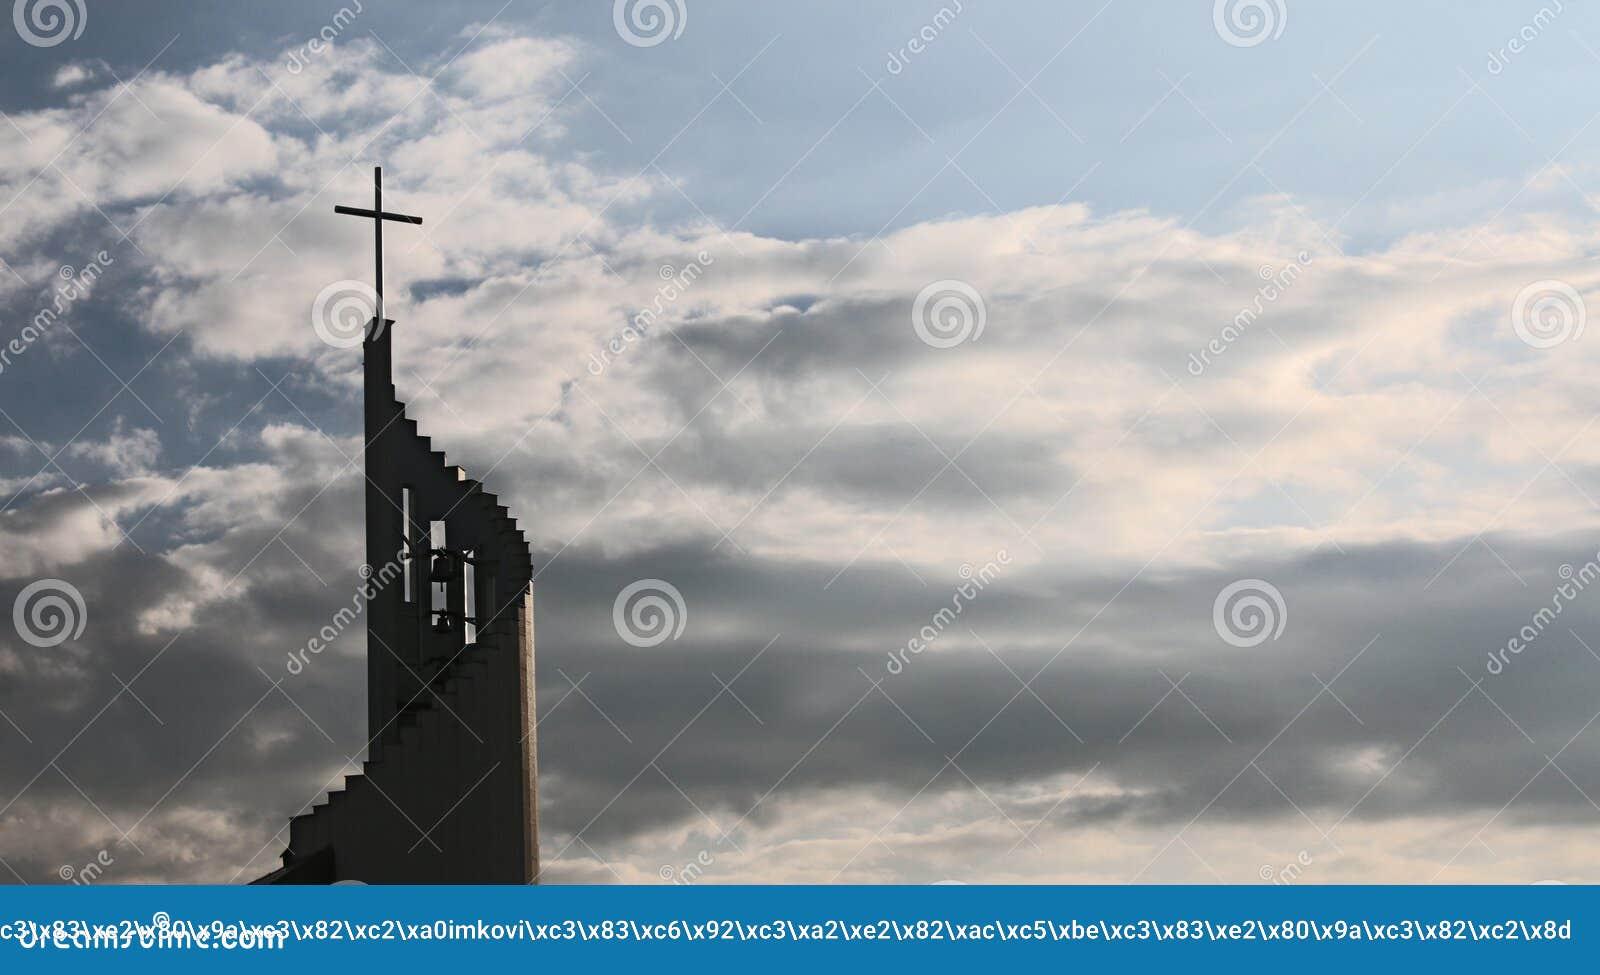 Godsdienst Dwars Donkere Wolken